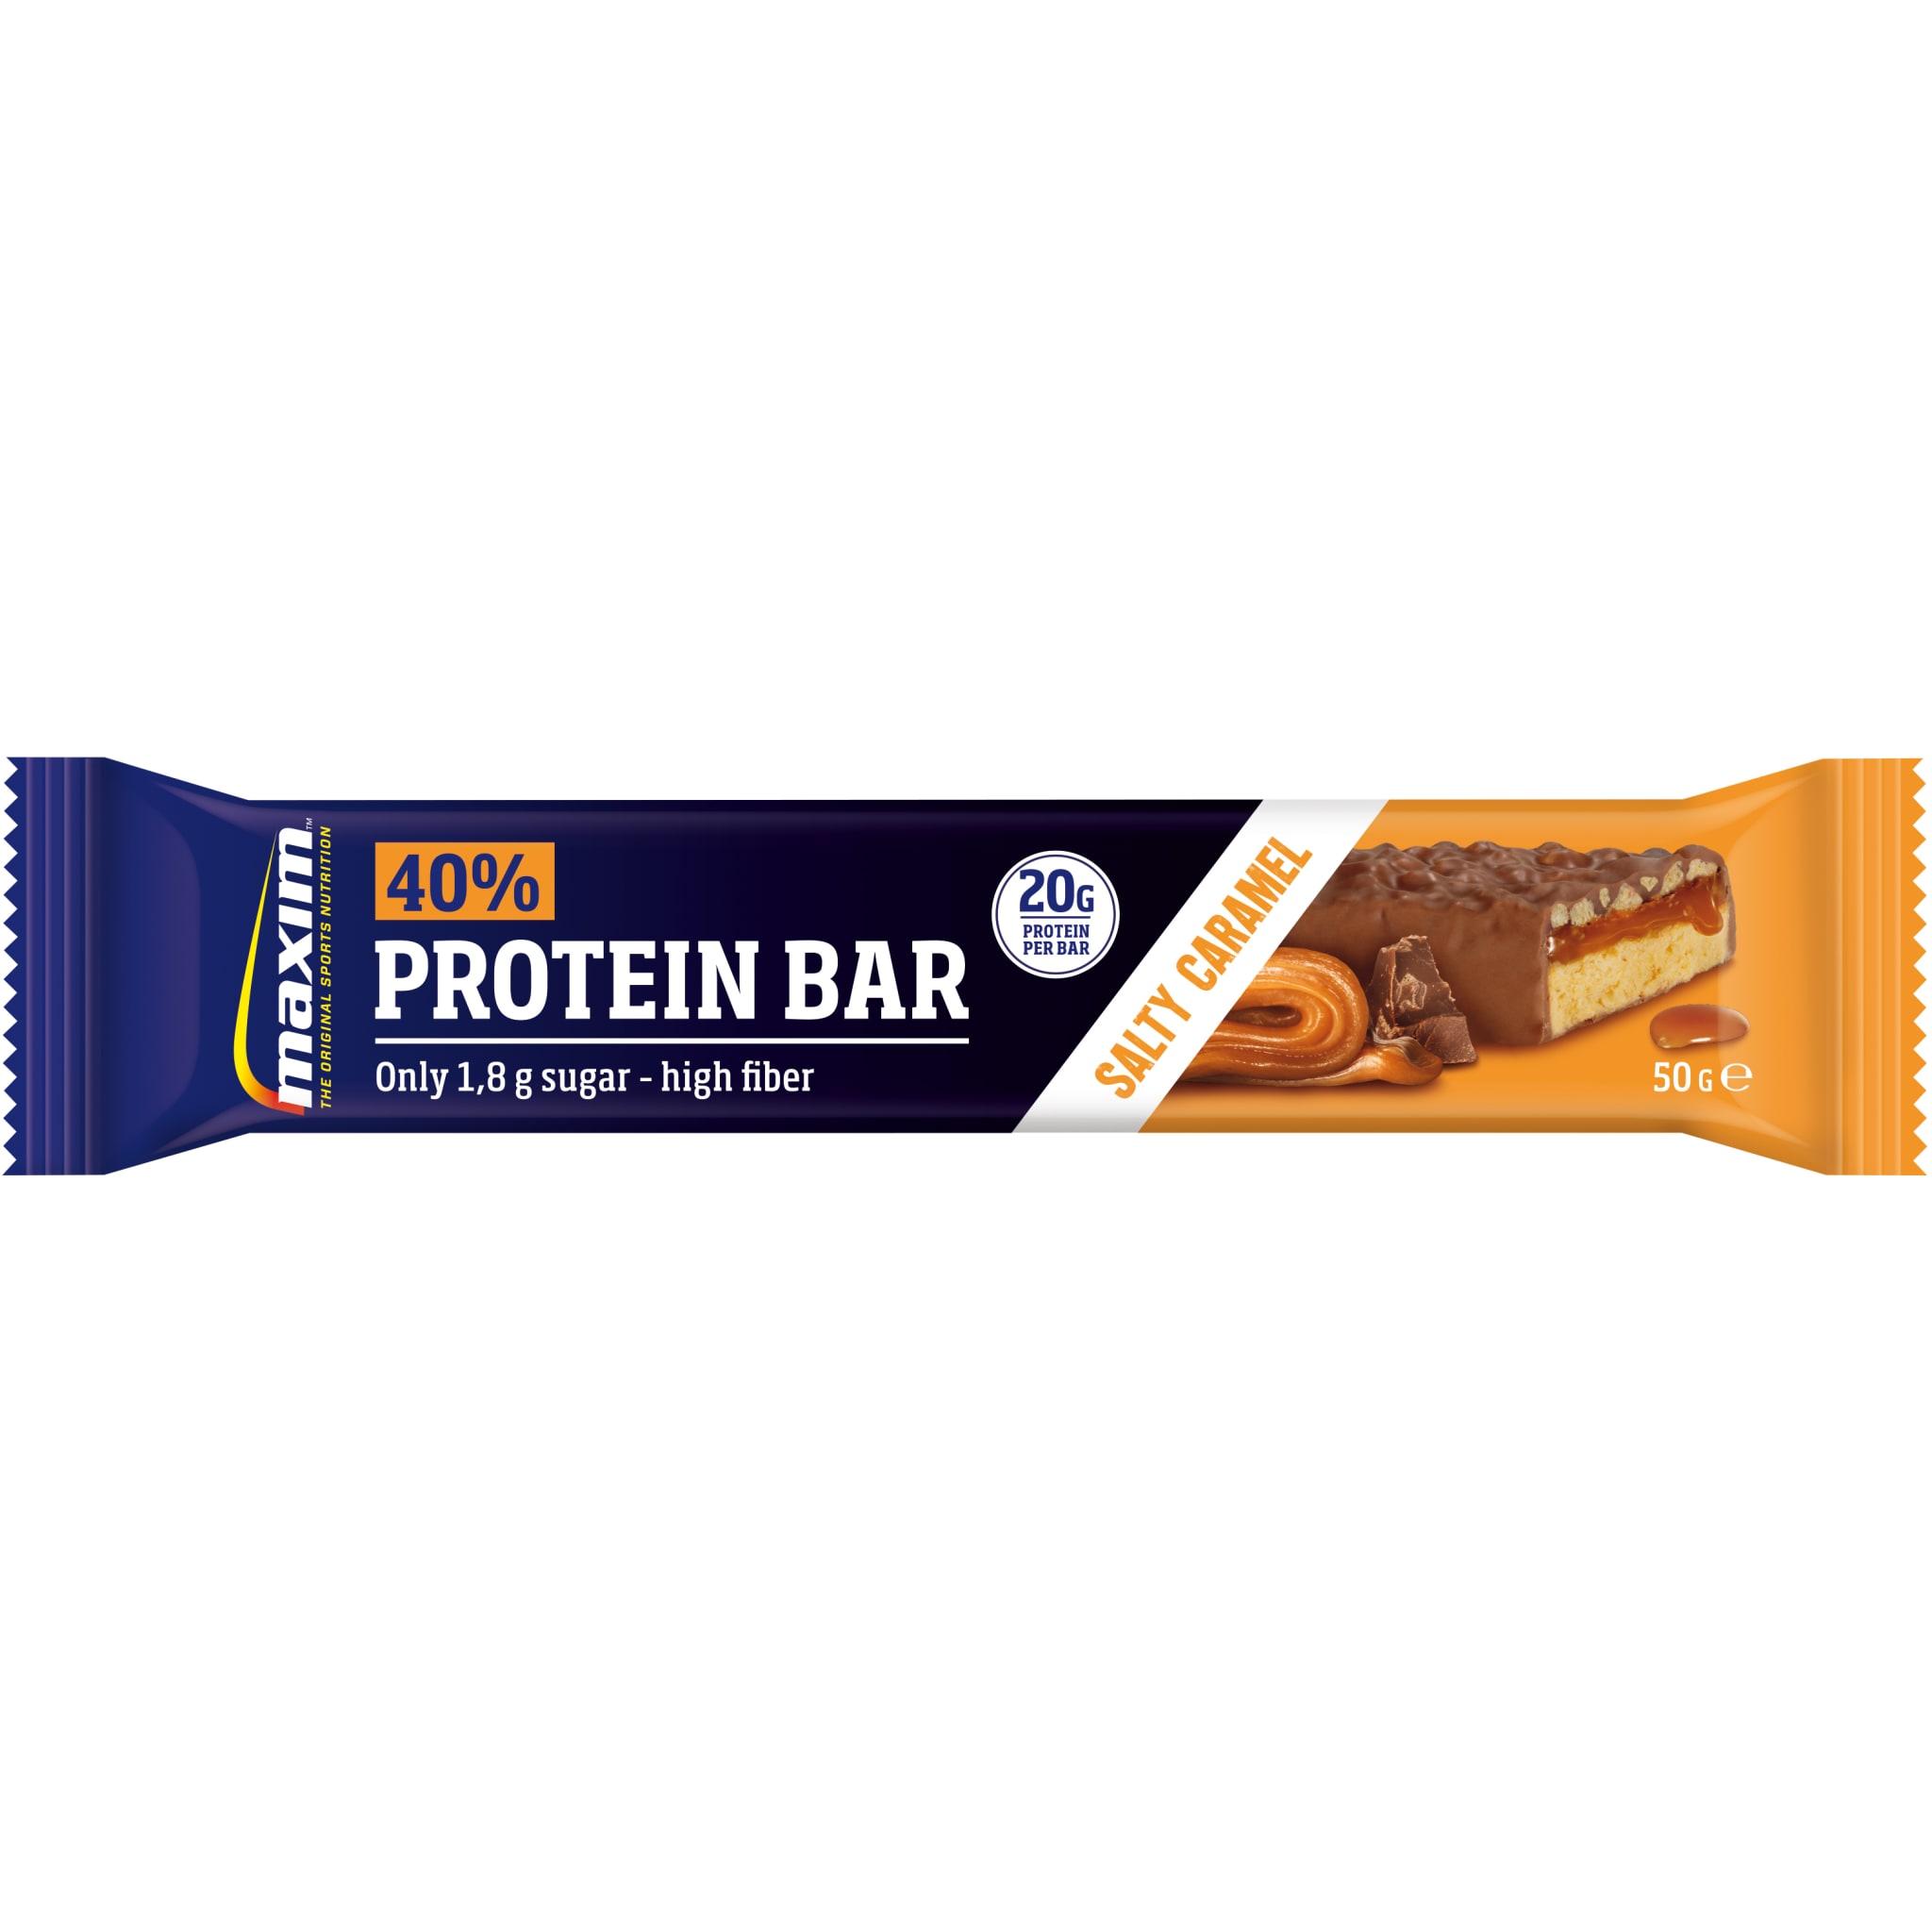 40% Protein Bar Caramel